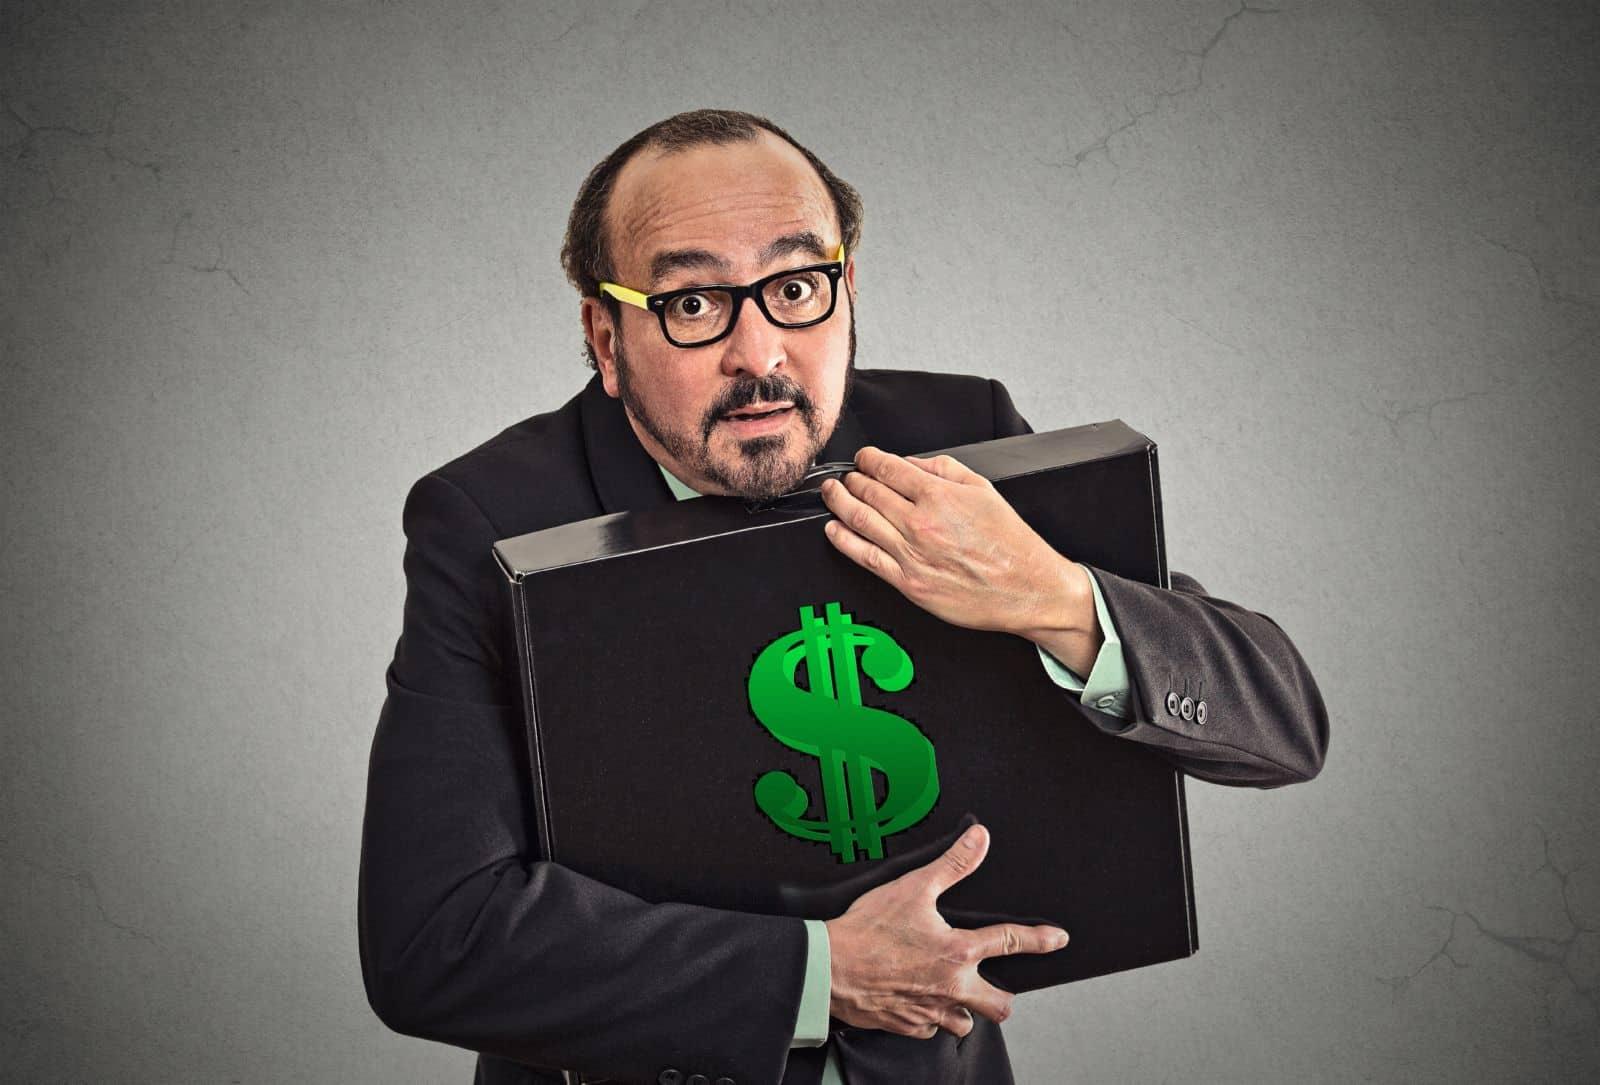 работодатель не выплачивает зарплату